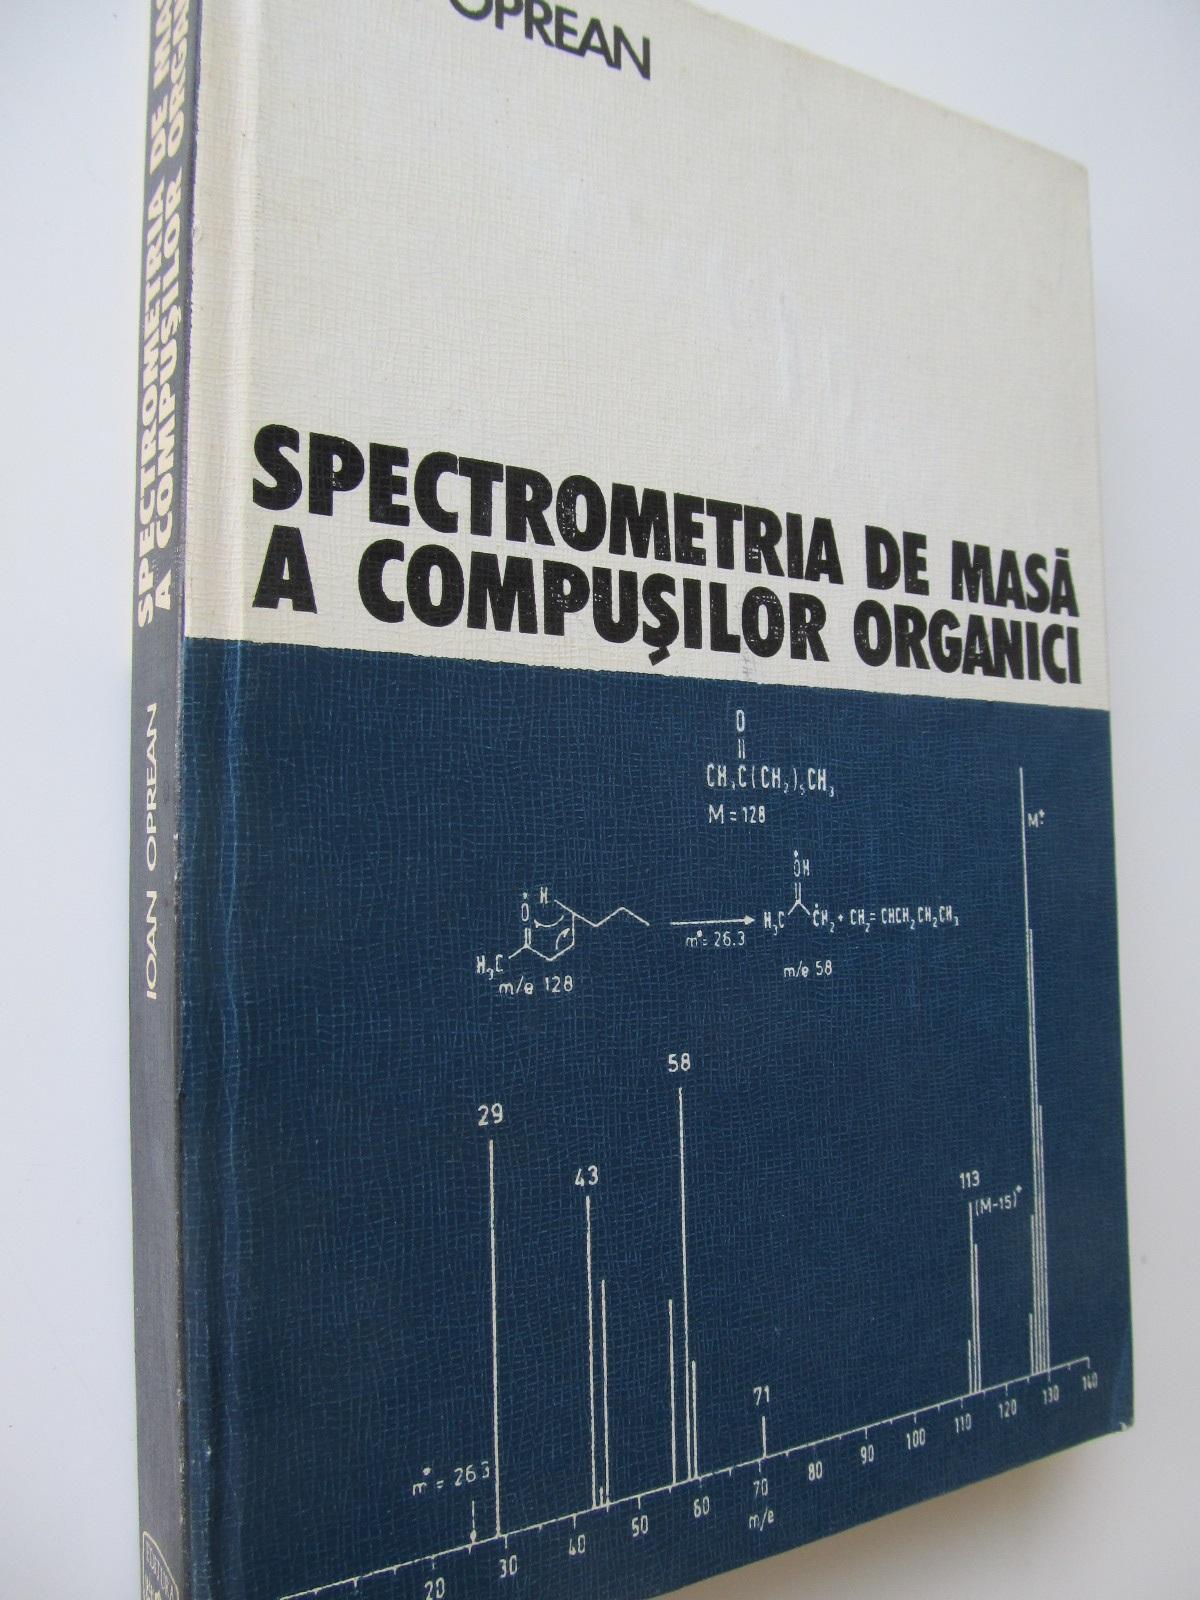 Carte Spectrometria de masa a compusilor organici - Ioan Oprean